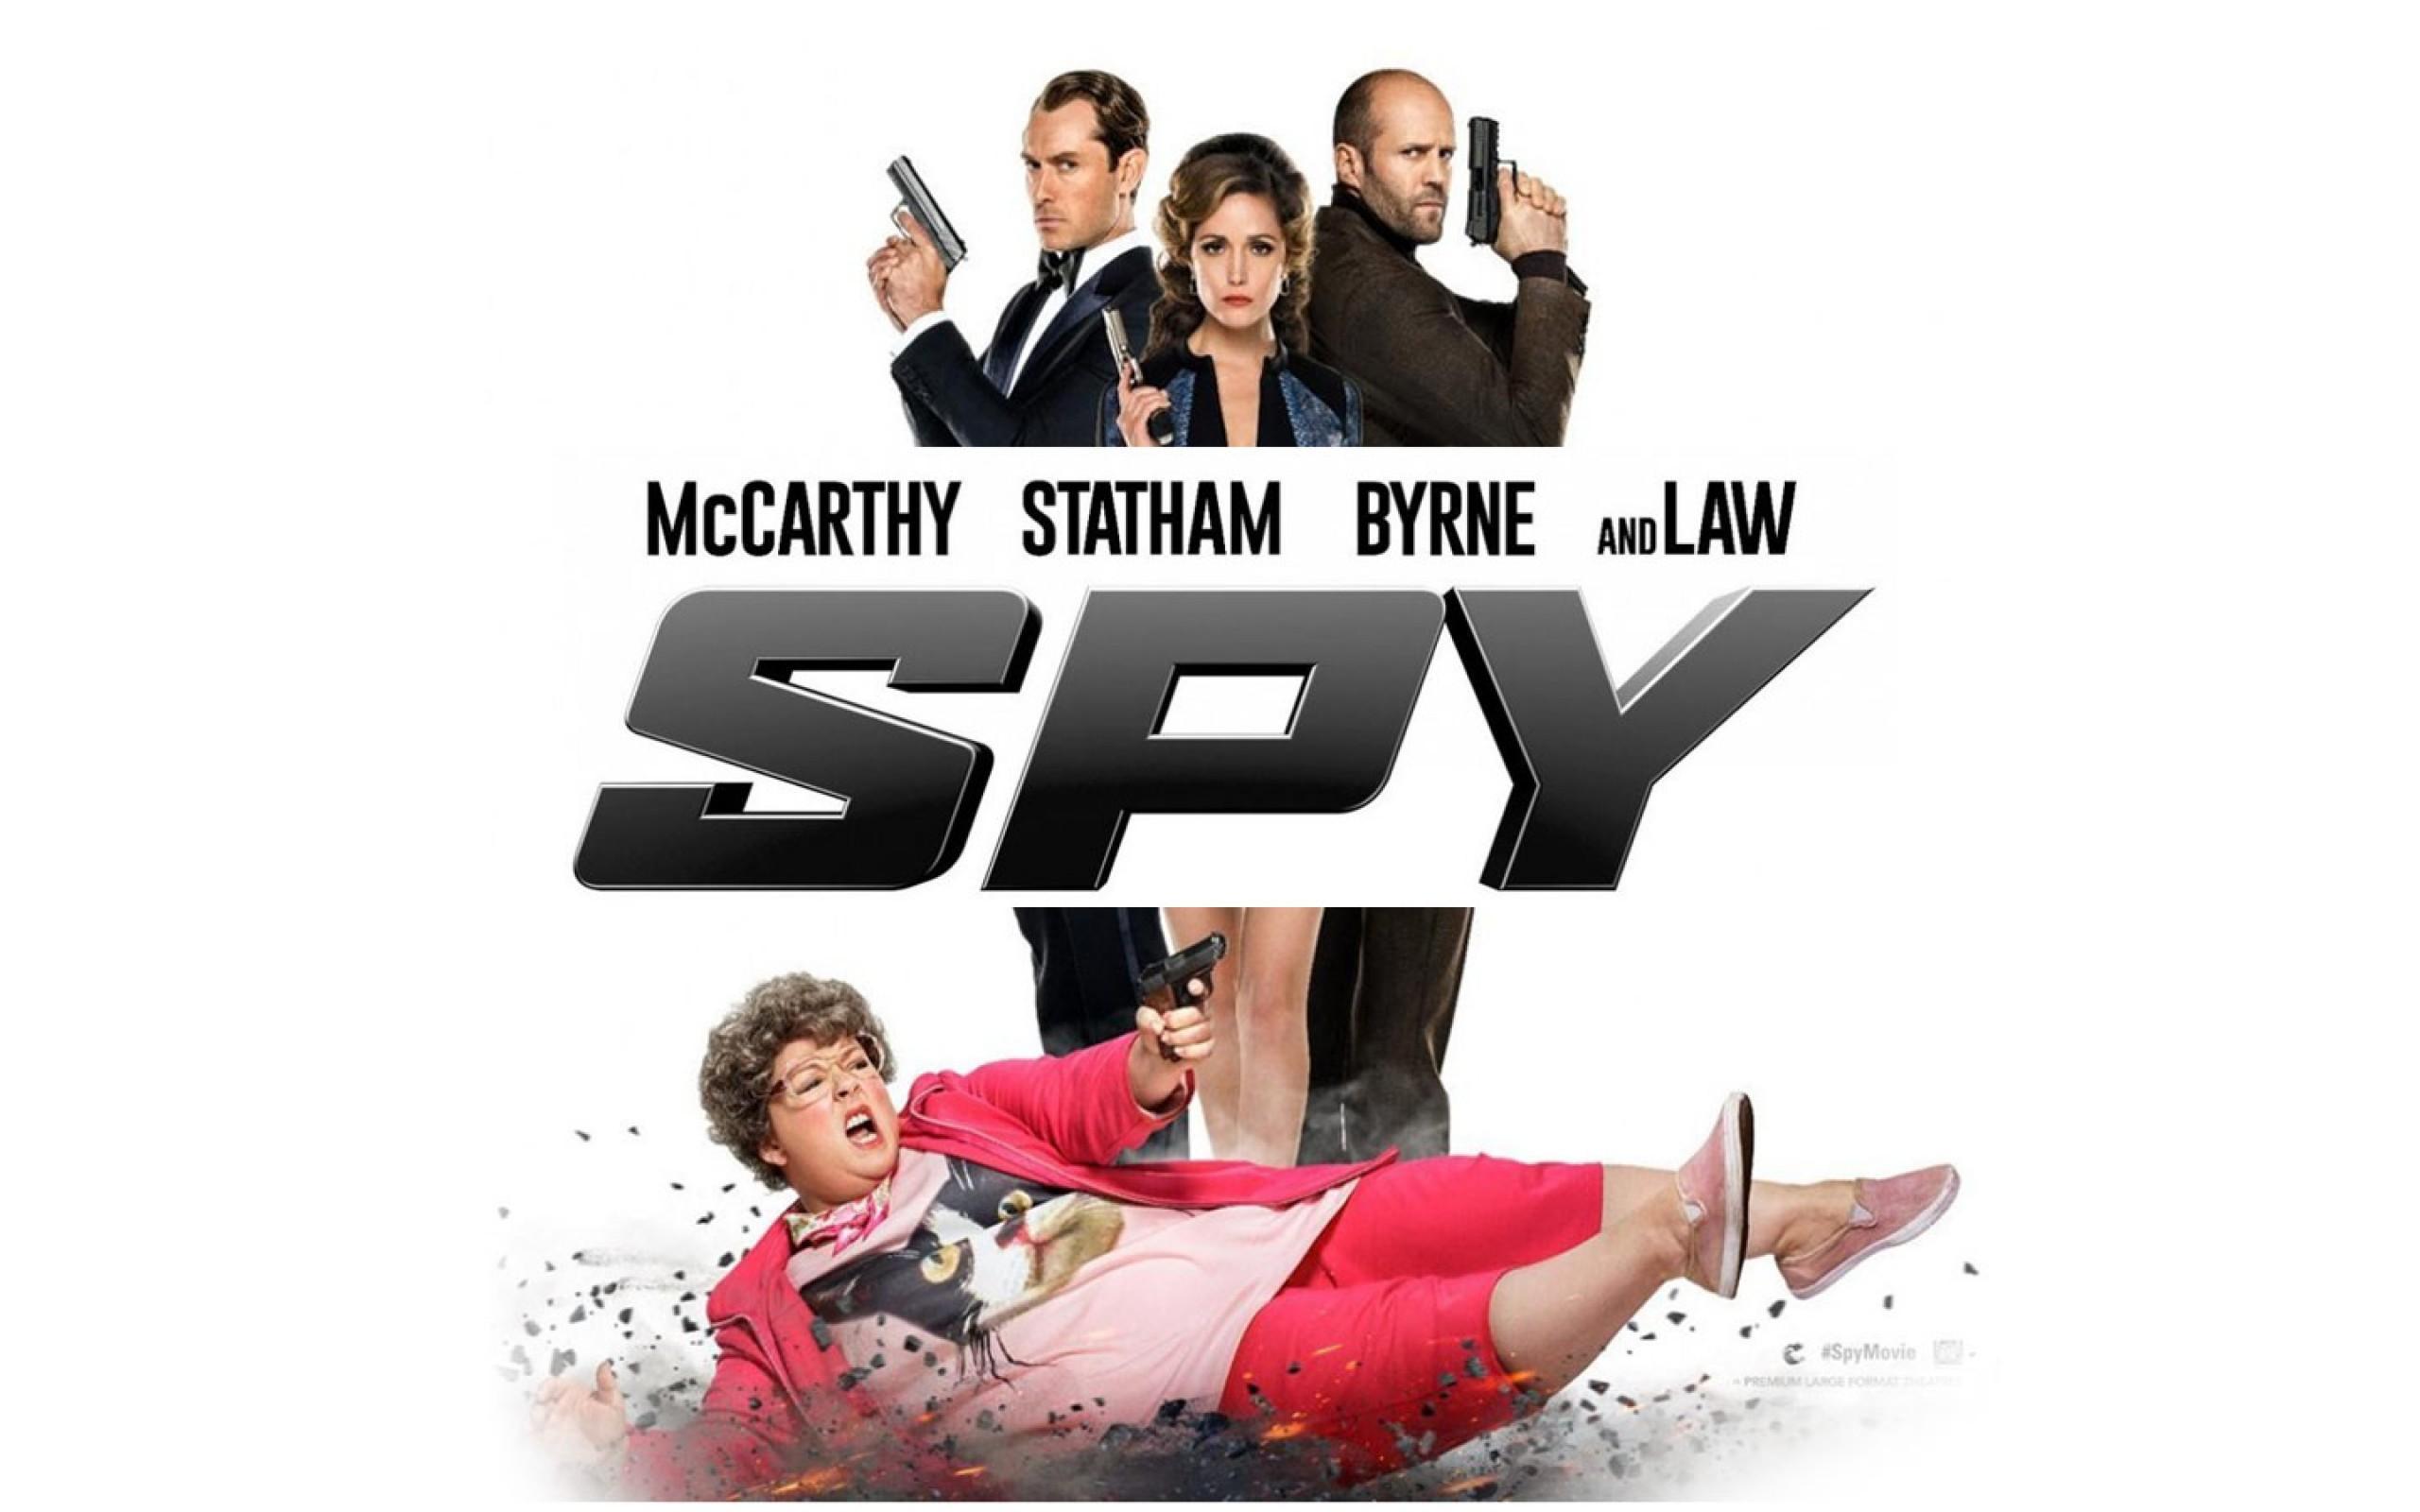 Παρουσίαση ταινίας: Spy (trailer)